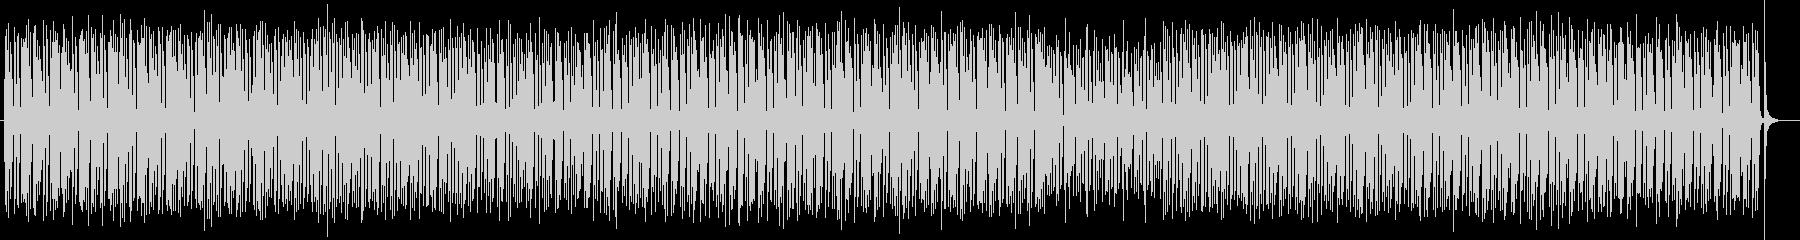 かわいいシンセサイザー電子音の未再生の波形